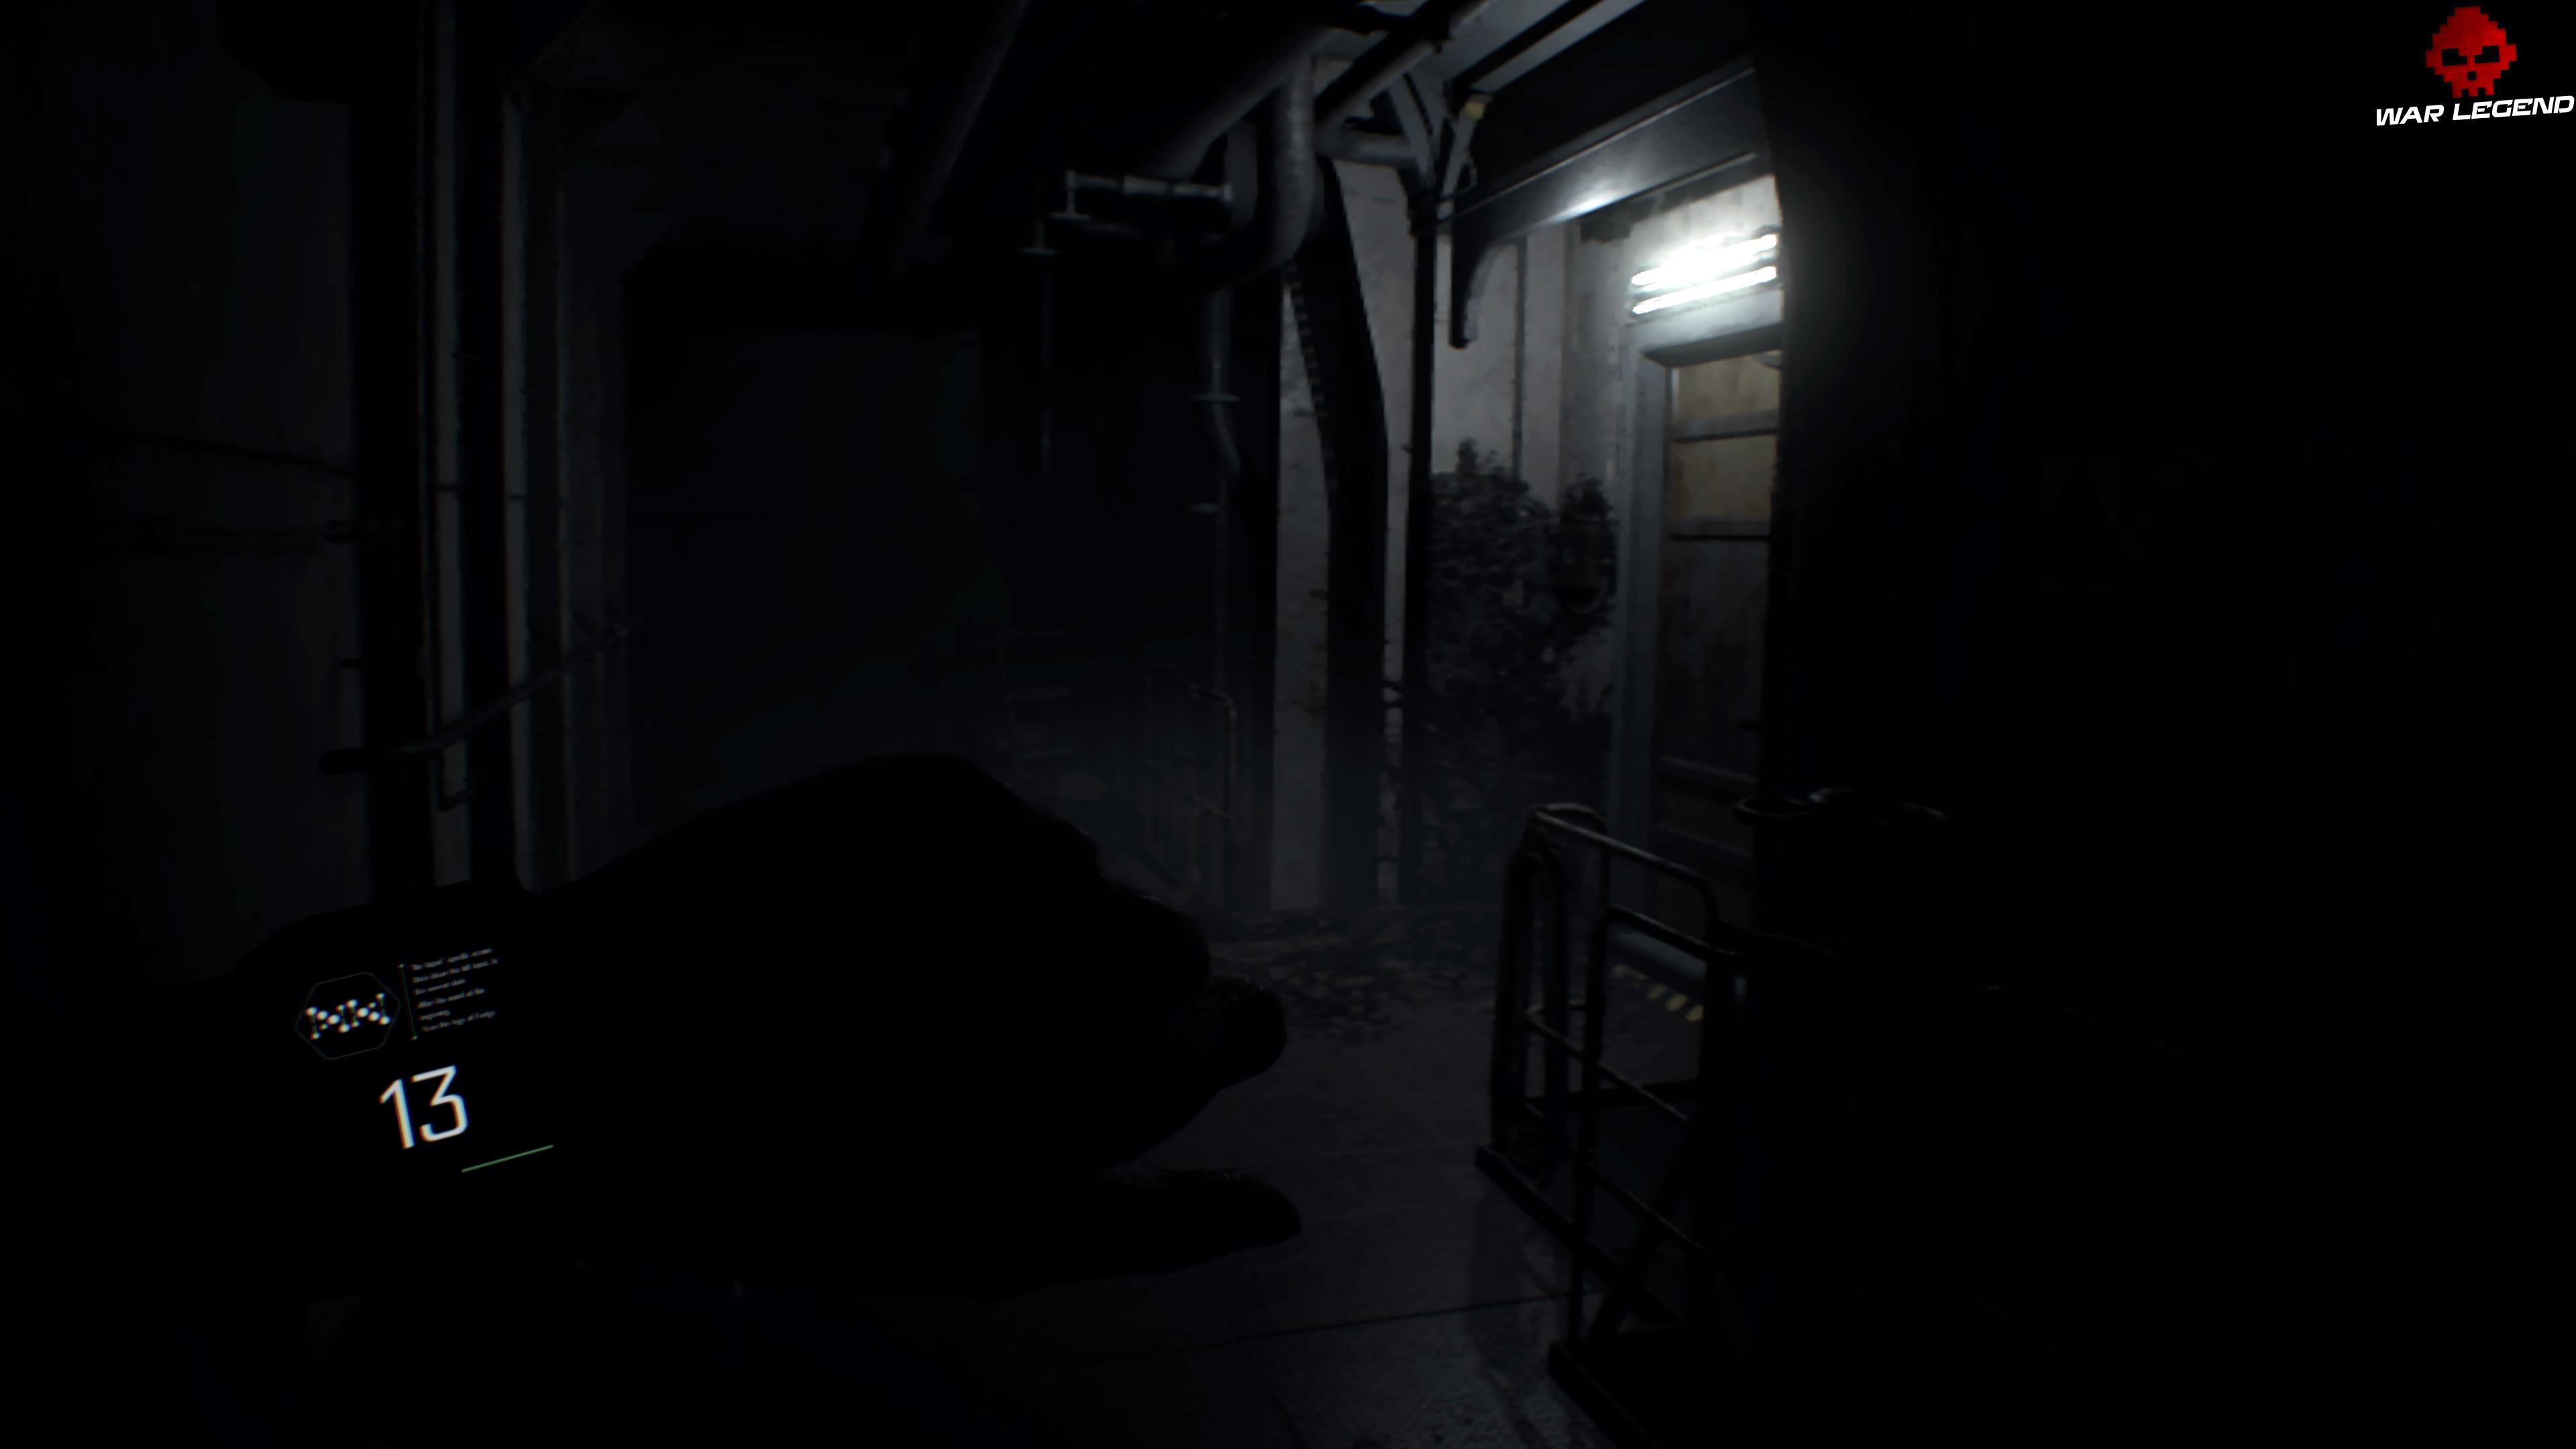 Solution Resident Evil 7 Biohazard - Chapitre 7 porte, montre avec le chiffre 13